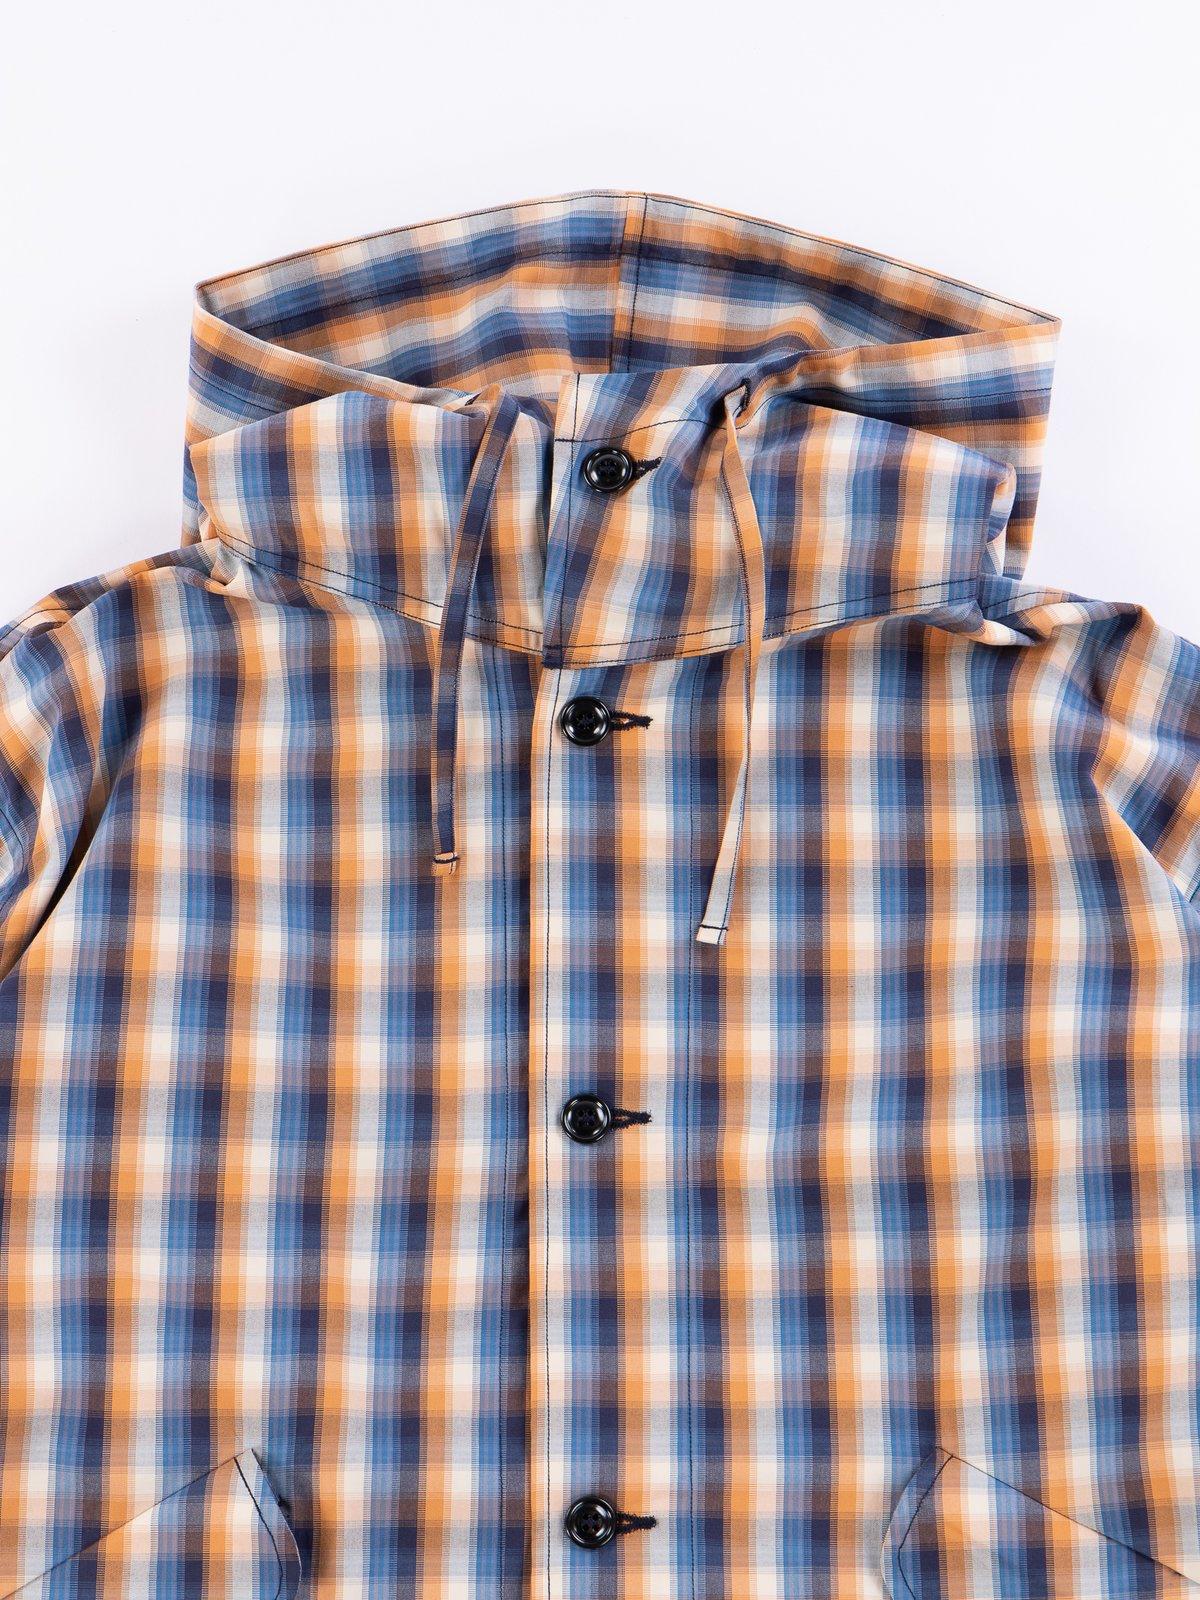 Blue/Orange Plaid Oxford Vancloth Czech Coat - Image 3